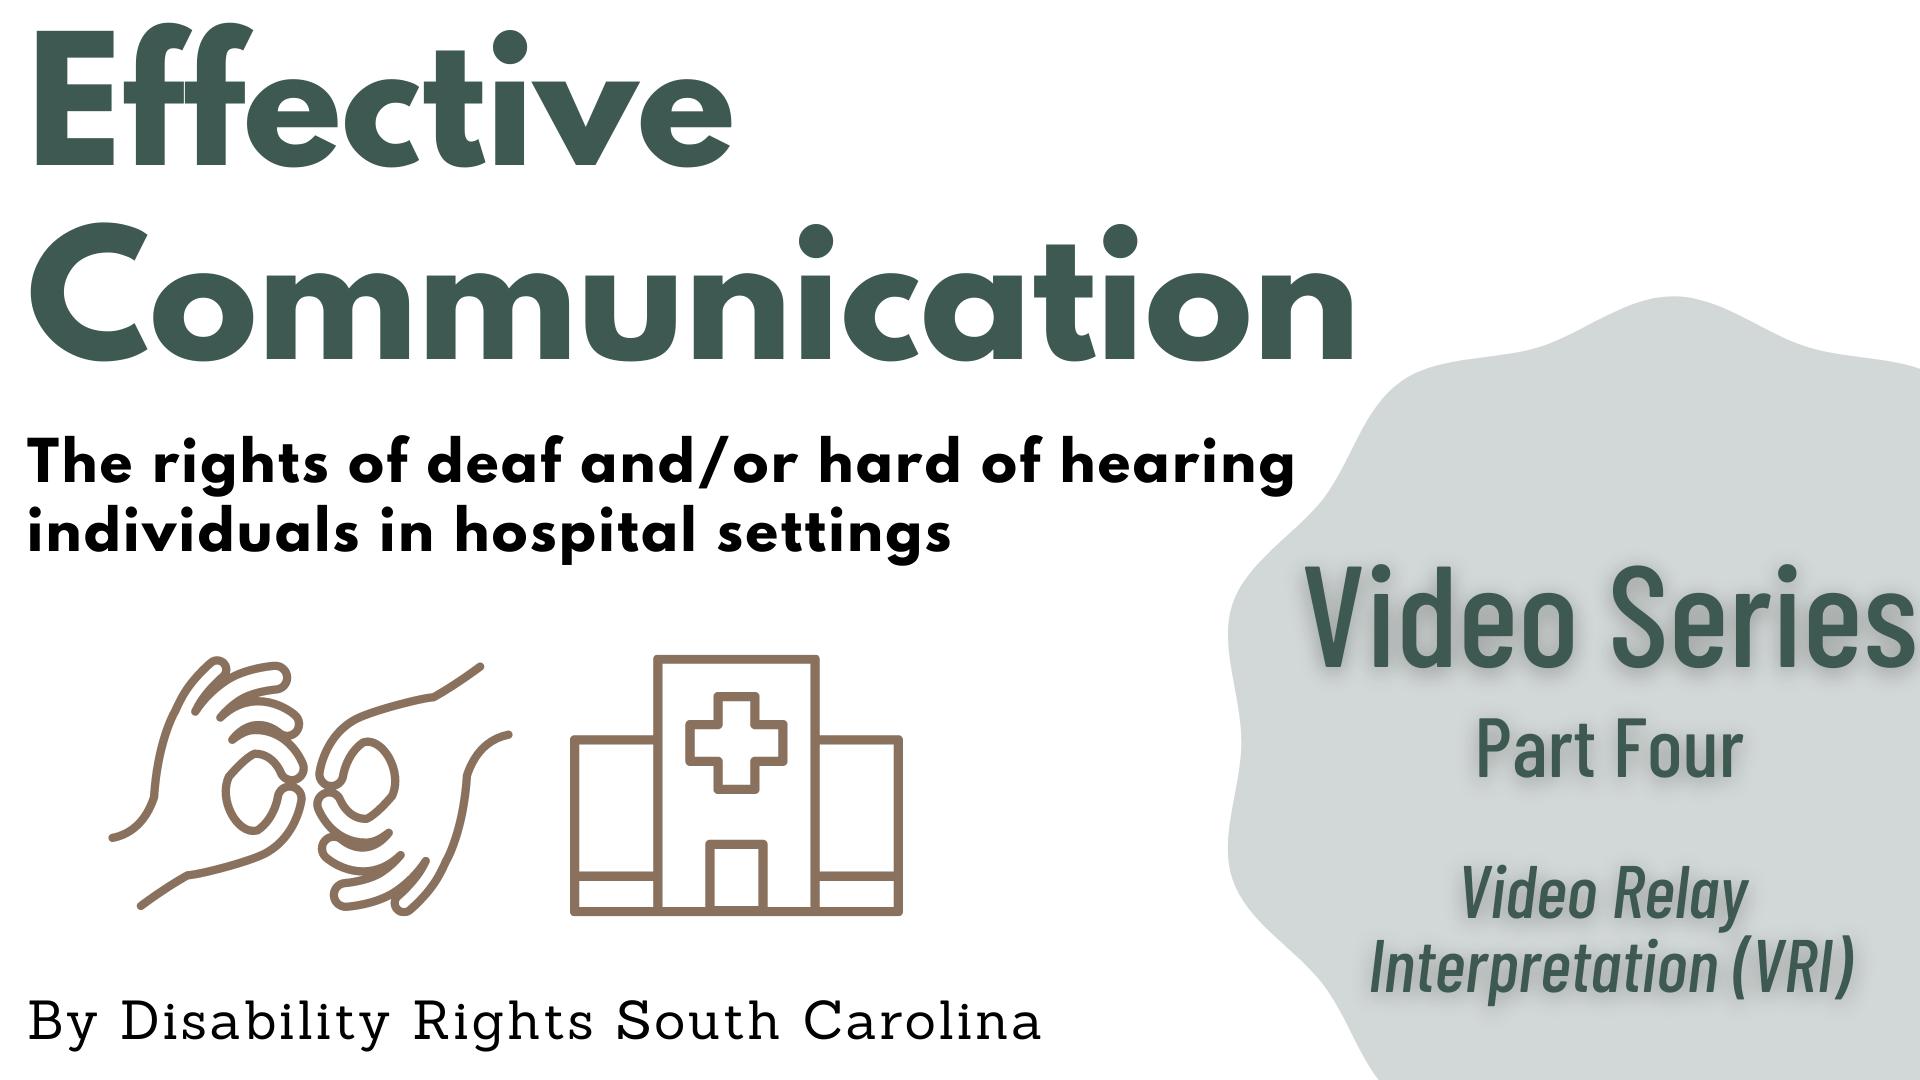 Effective Communication part 4